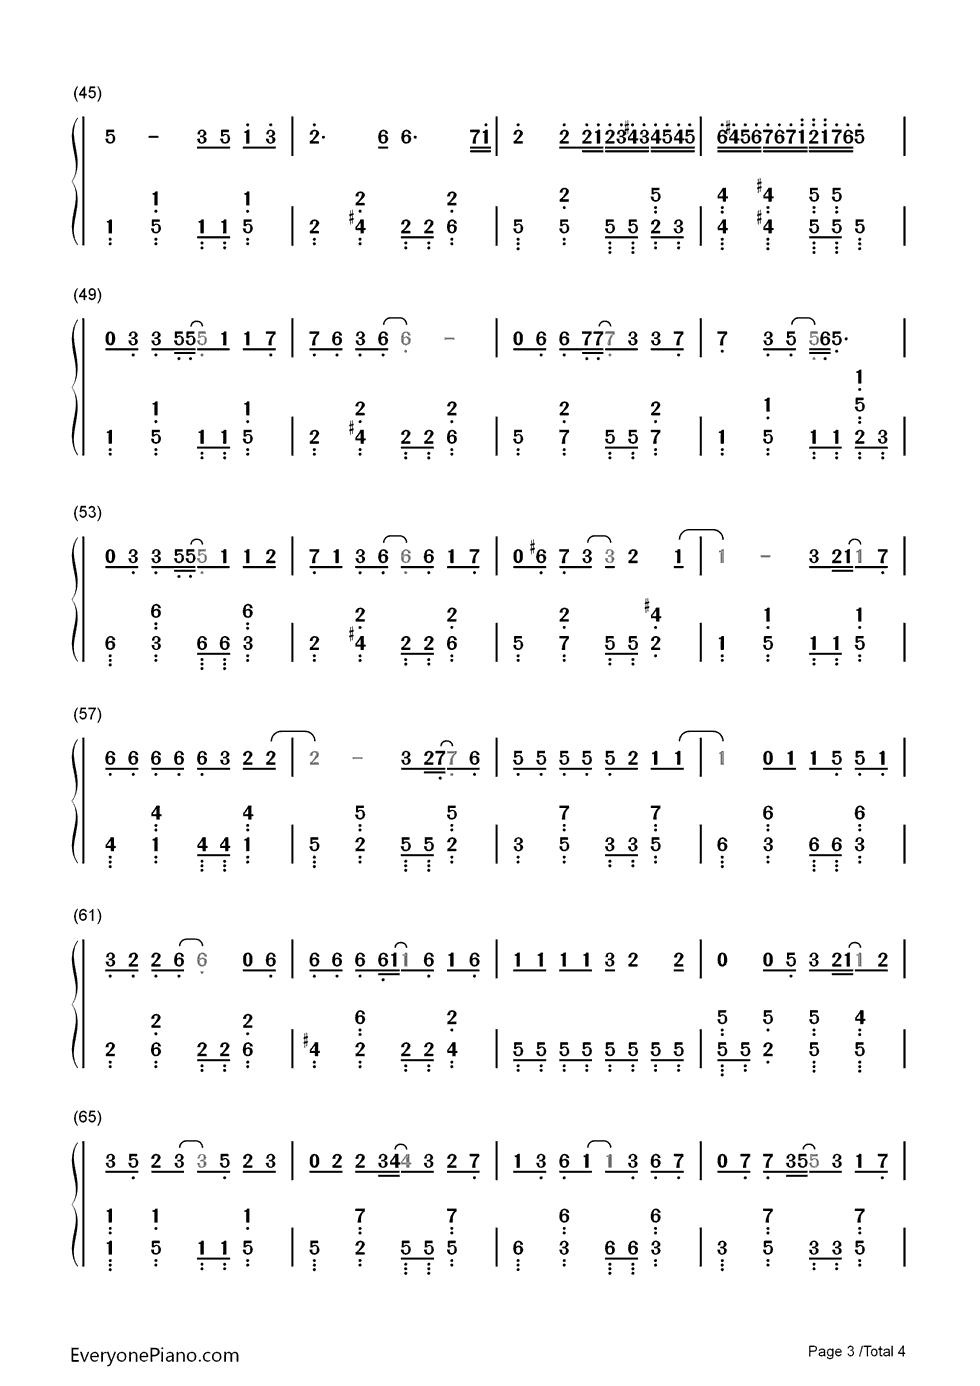 有小幸运钢琴简谱吗?